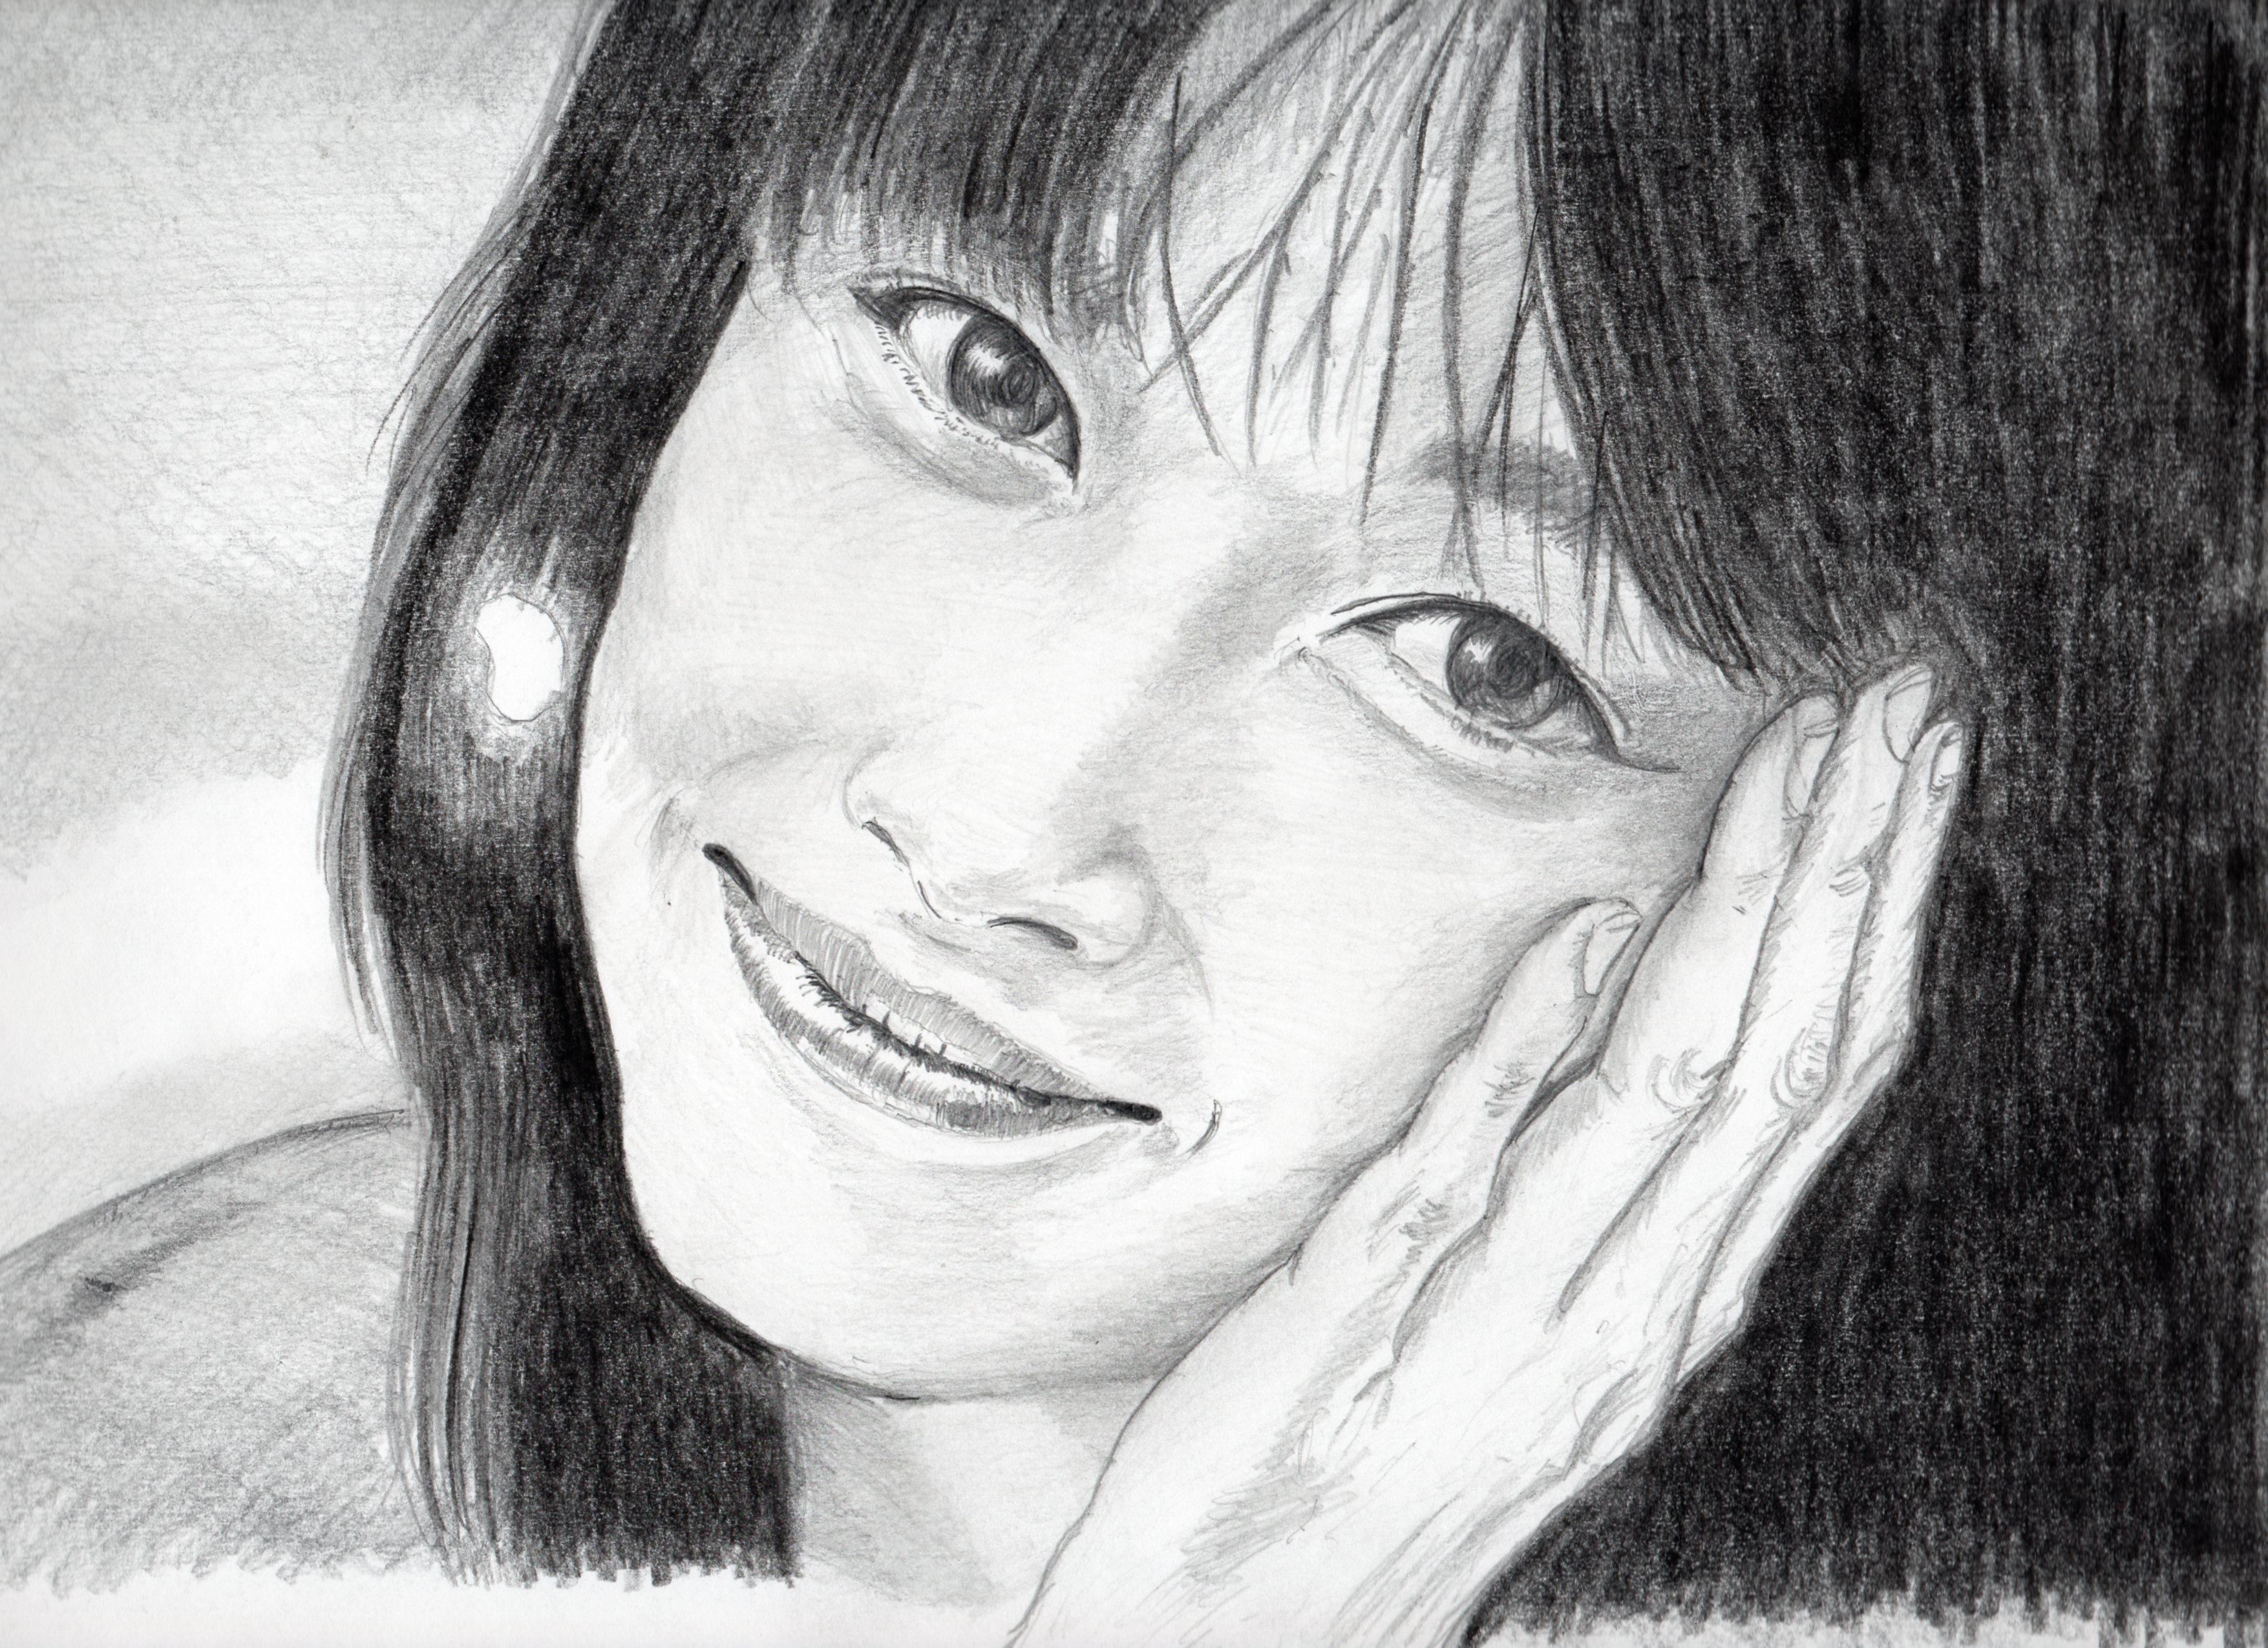 夏目雅子の鉛筆画、夏目雅子のリアル似顔絵